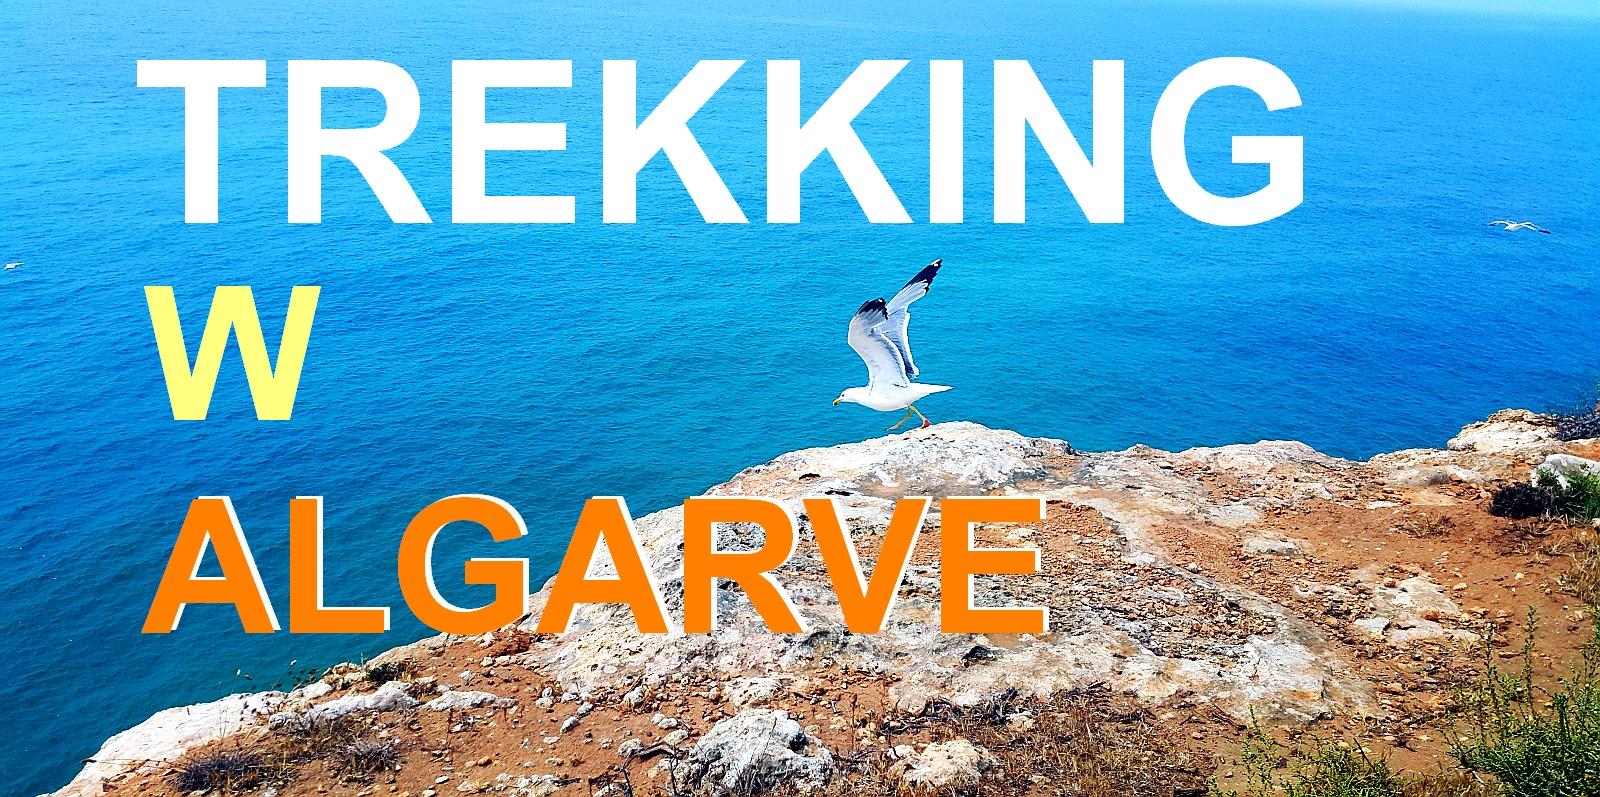 Trekking w Algarve. Południe Portugalii